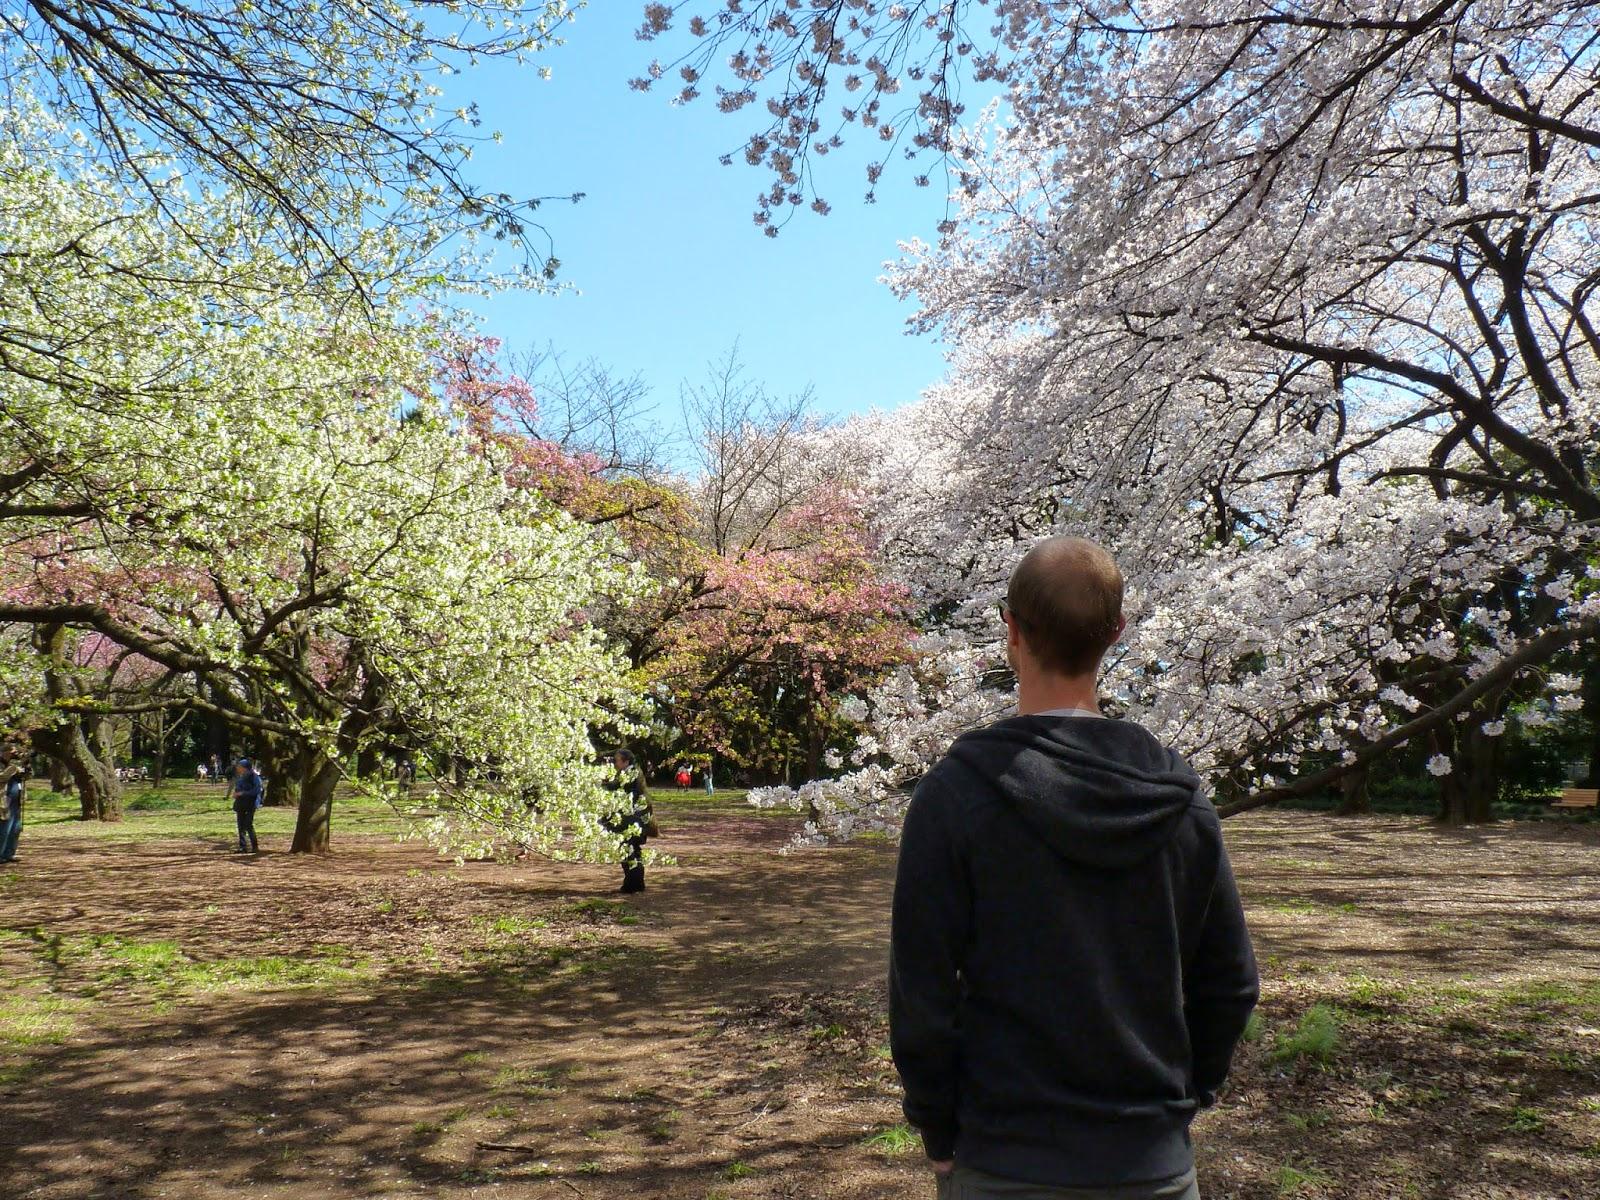 Eu contemplando Sakuras no Japão